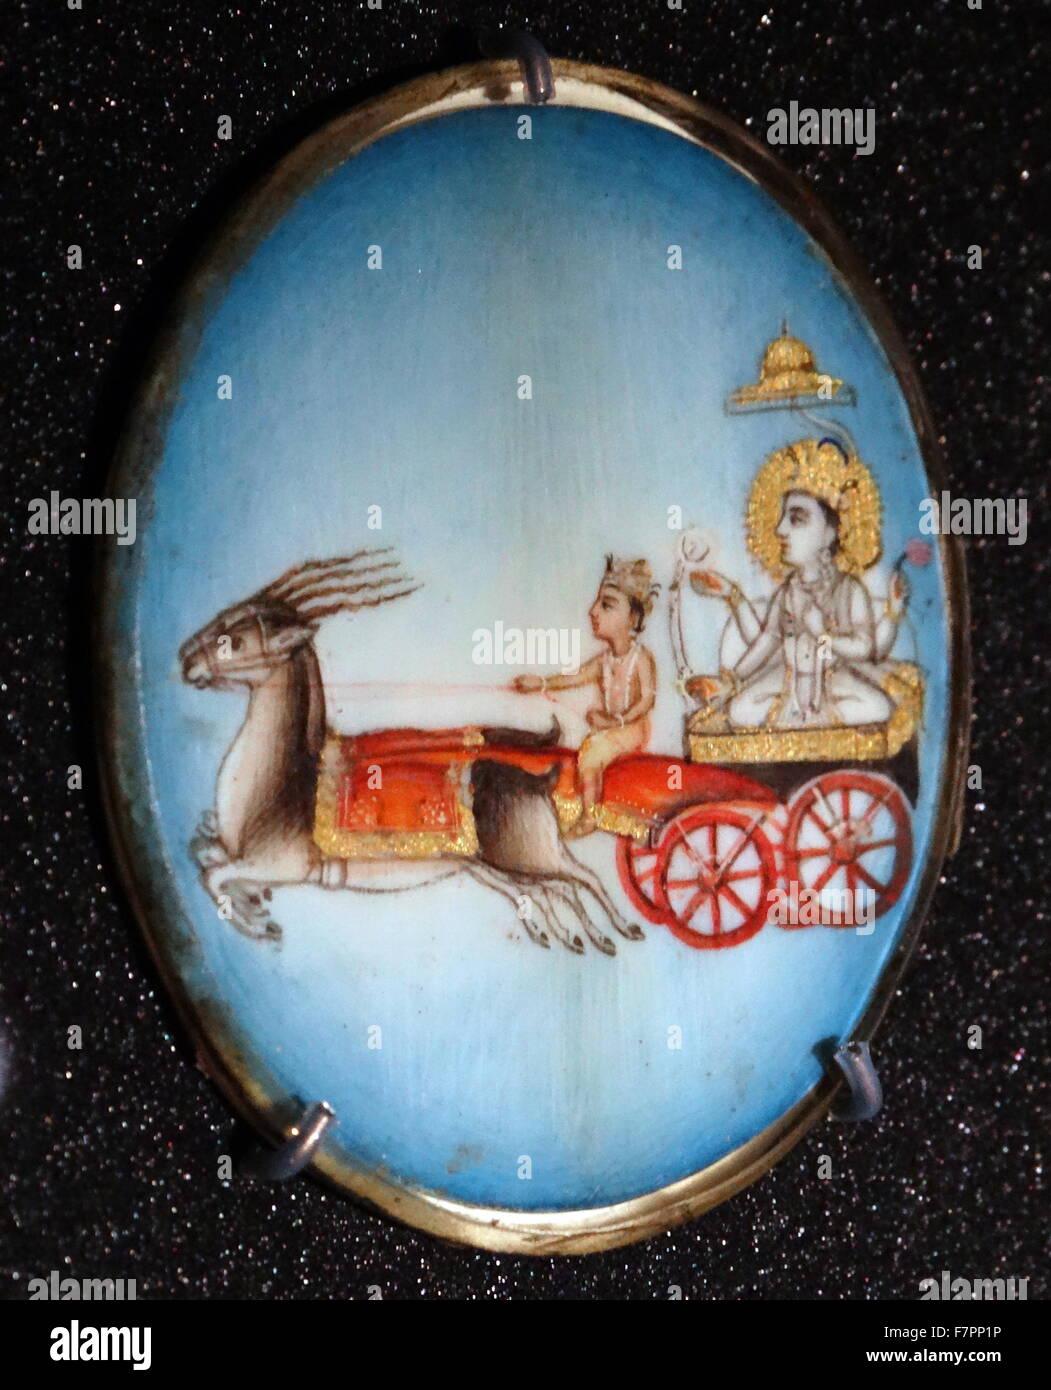 Divinità indù, Chandra il dio Luna. Da una collezione di roundels della divinità Indù. Gouache Immagini Stock